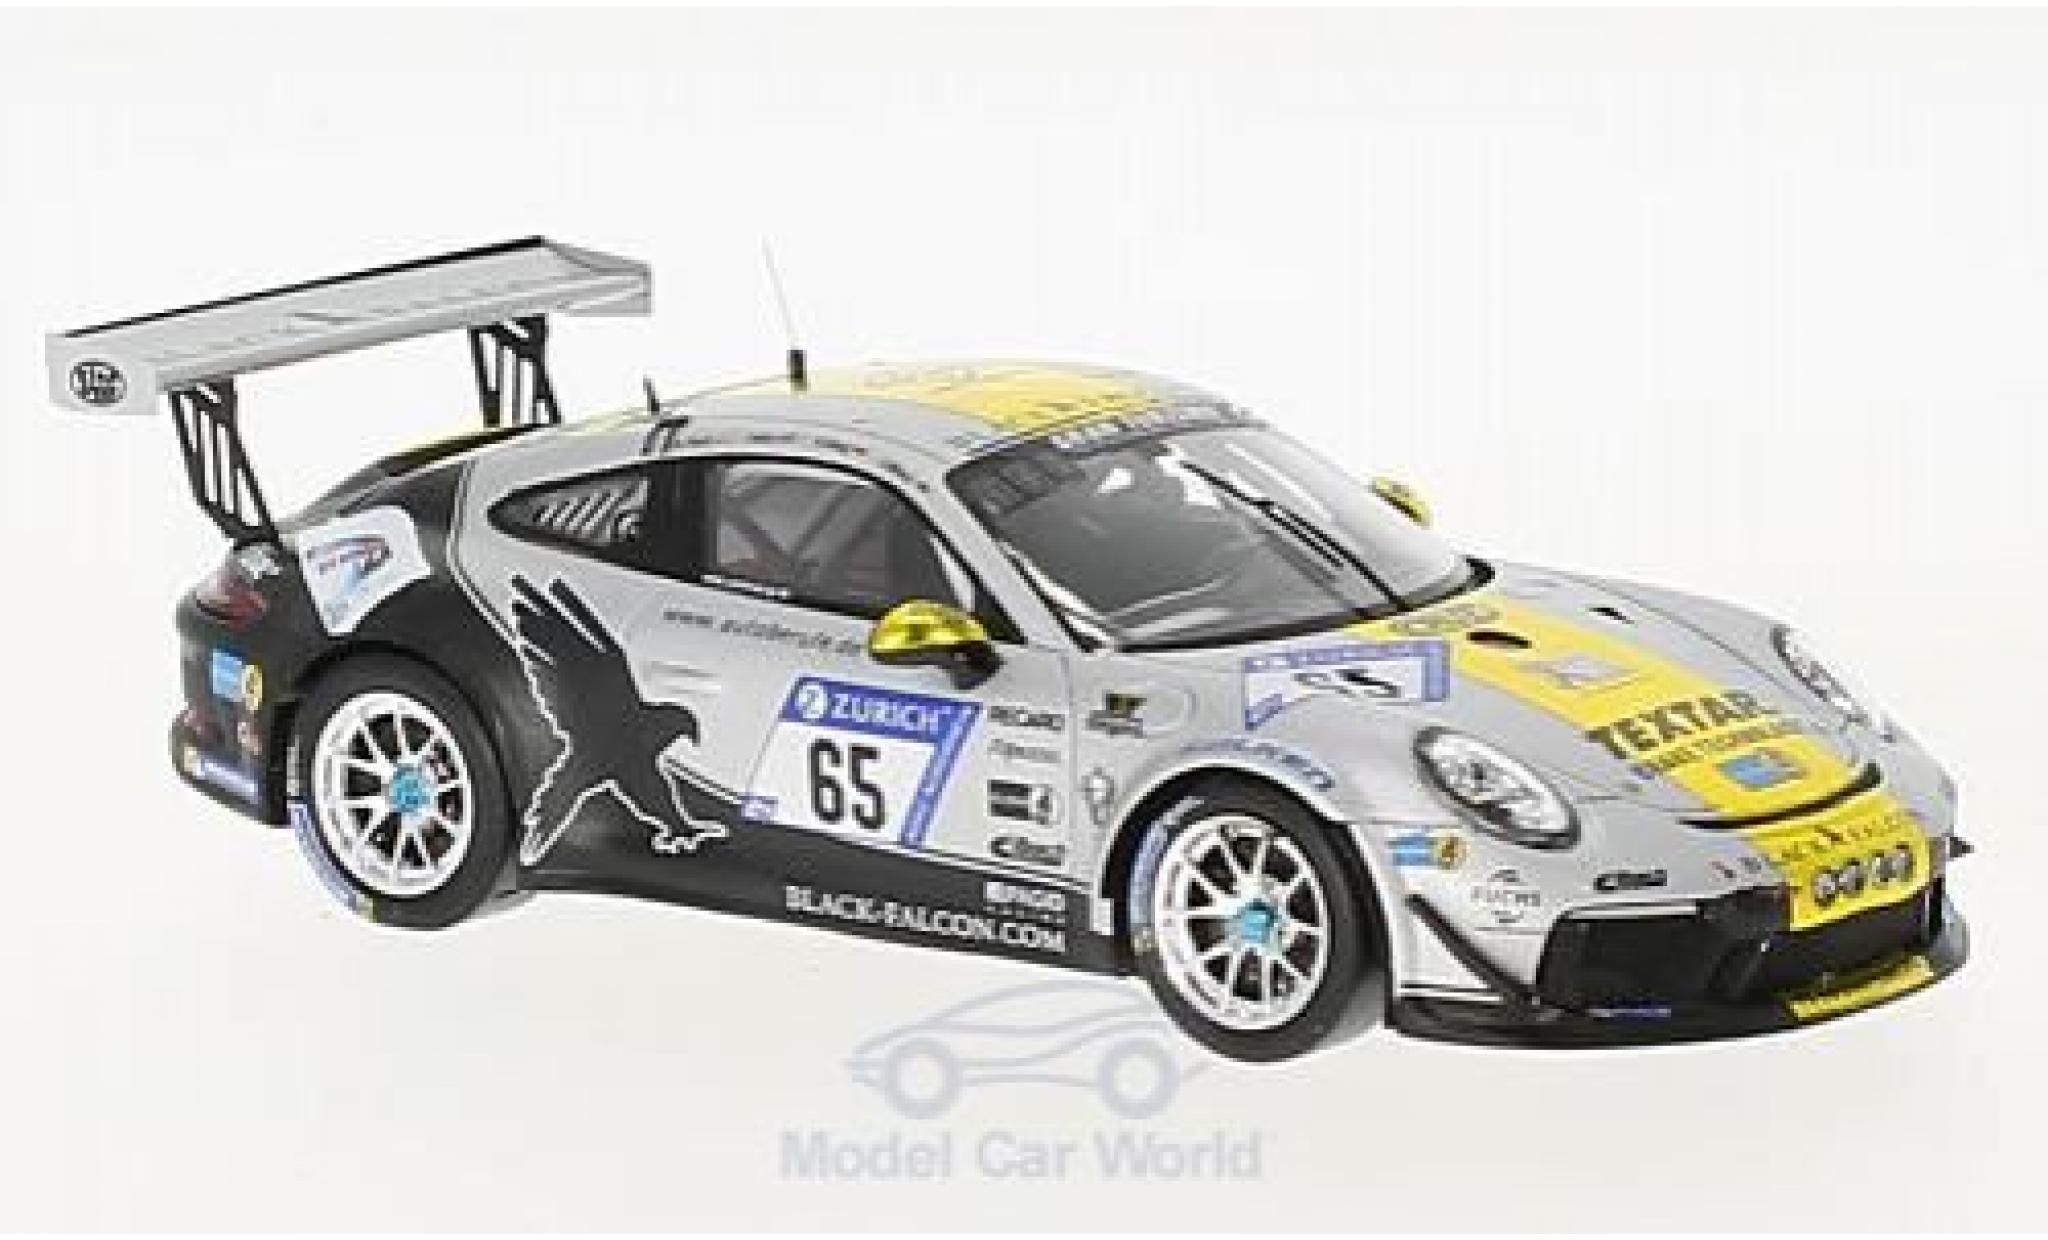 Porsche 991 GT3 1/43 Spark 911 No.65 Black Falcon Team TMD Friction 24h Nürburgring 2017 J.Bleul/S.Karg/Takis/A.Toril